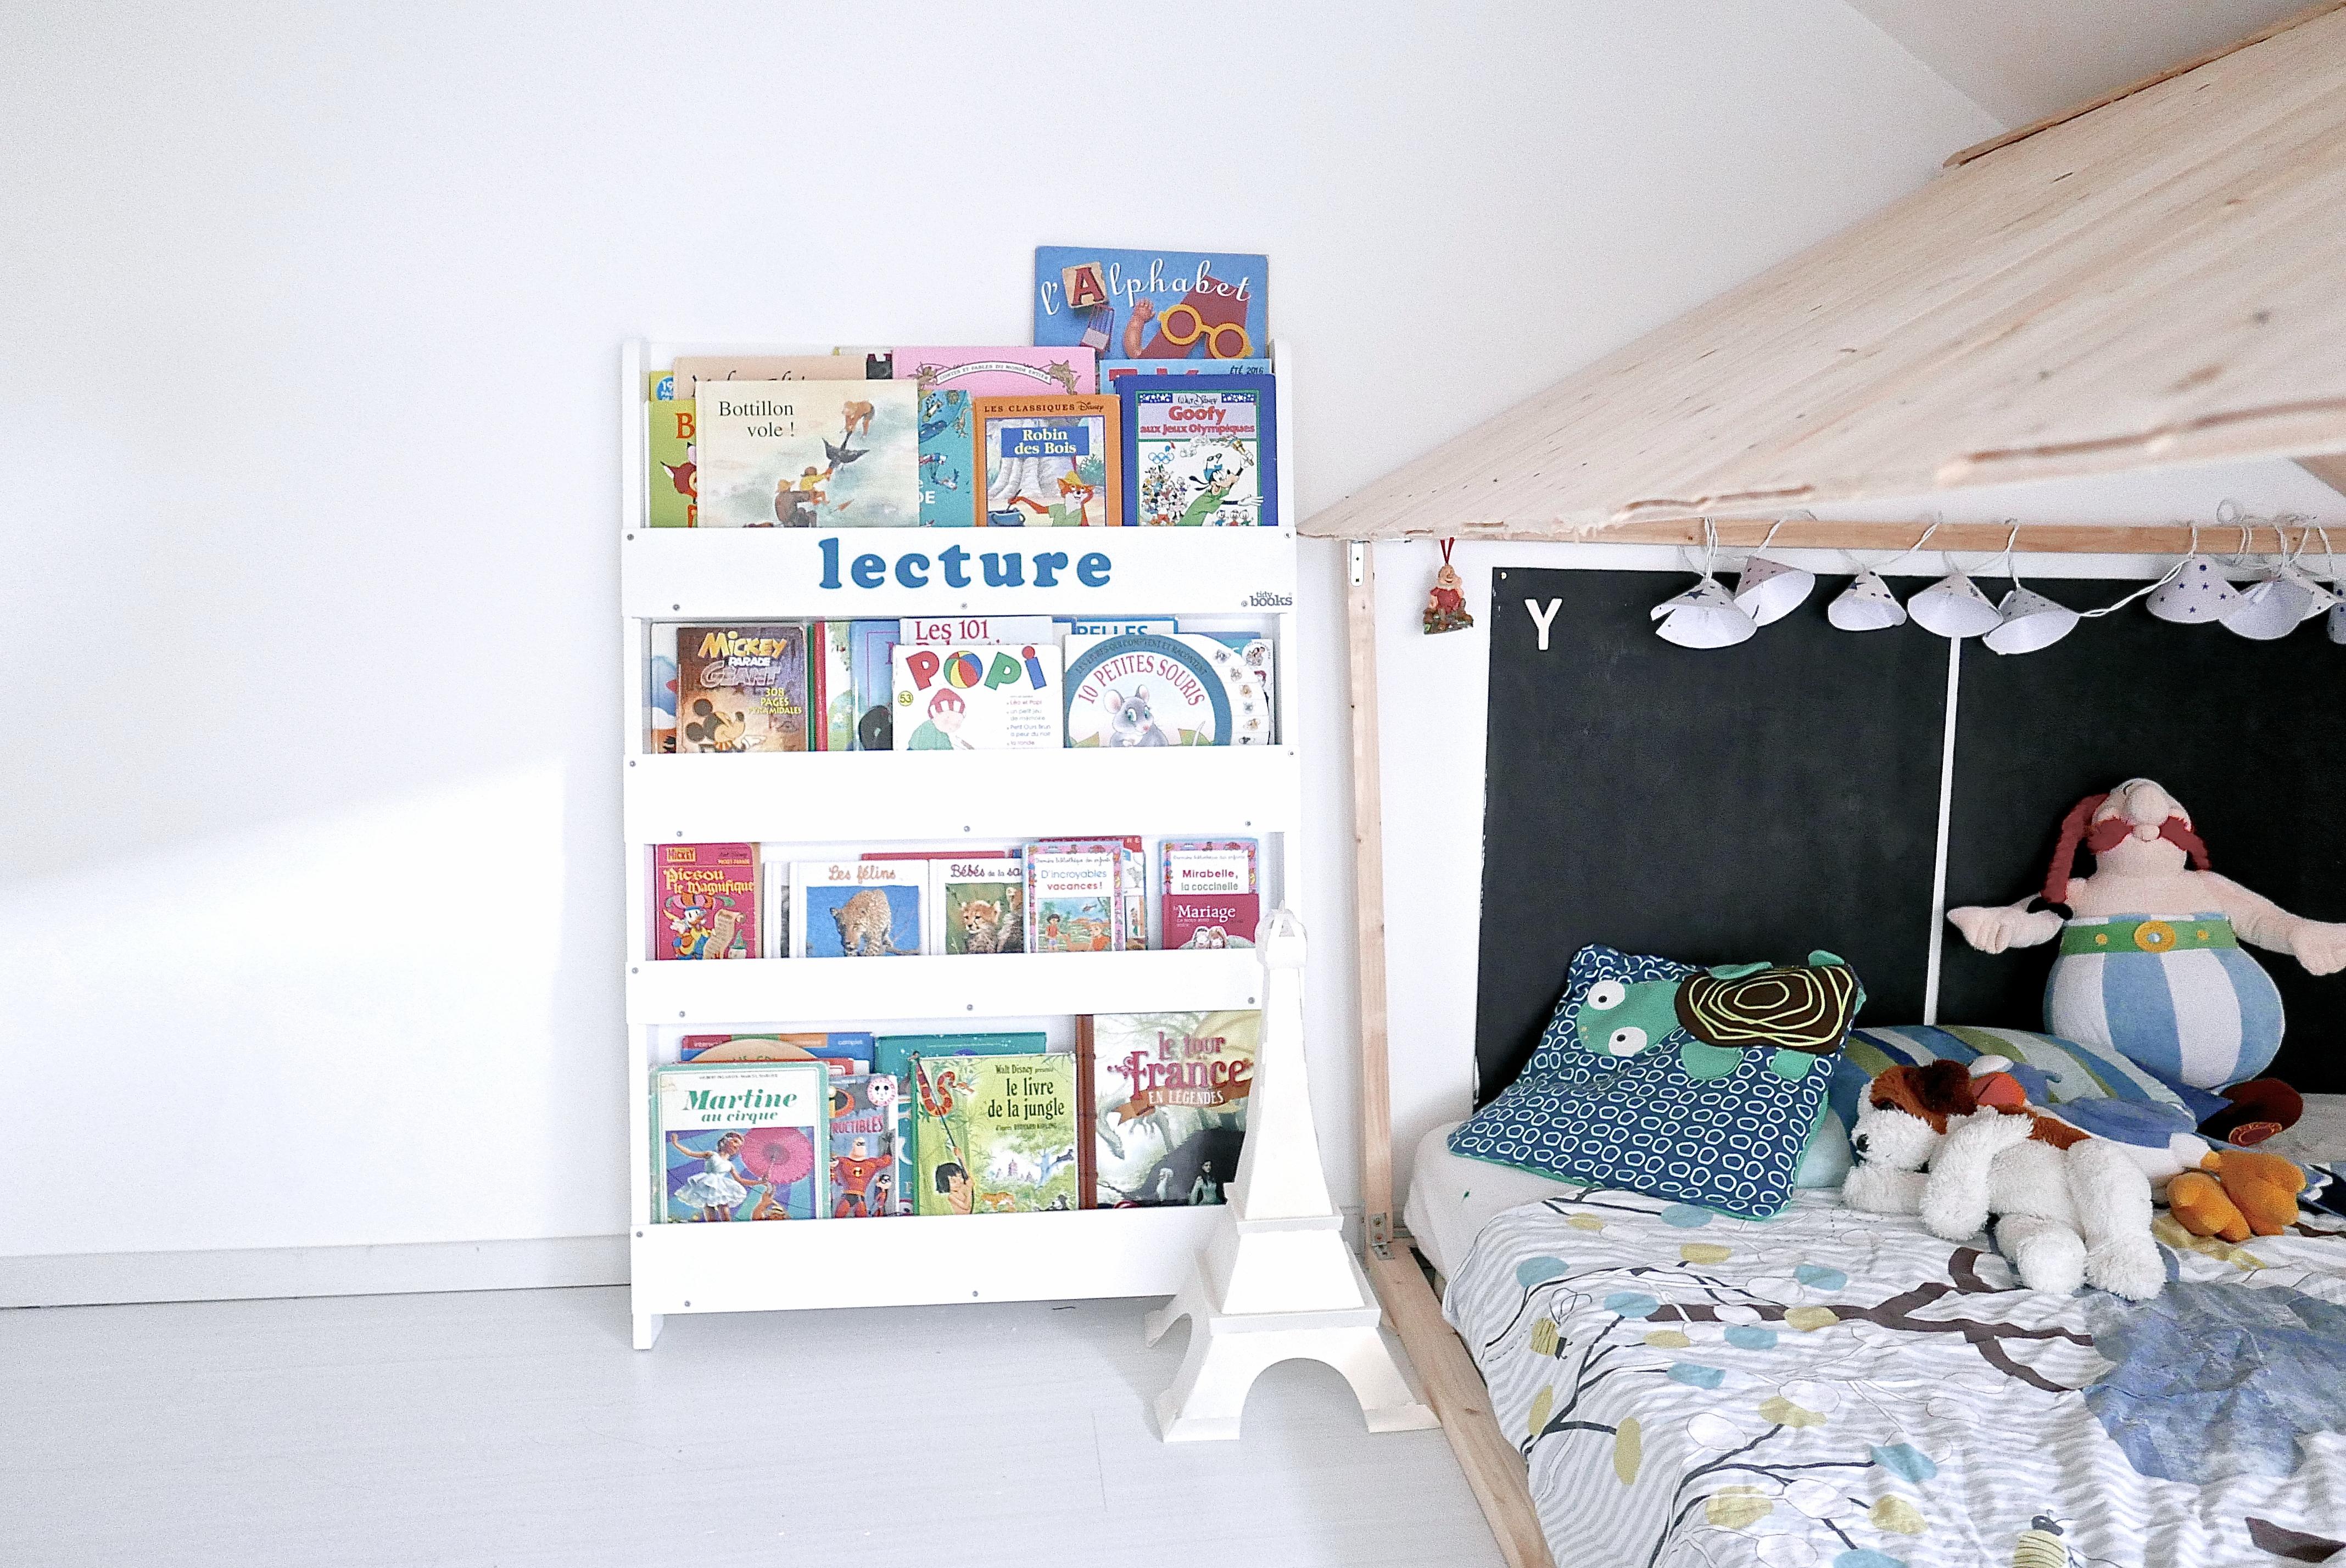 Lit Cabane Maman Louve leur coin lecture tidy books et le lit cabane - zozomum